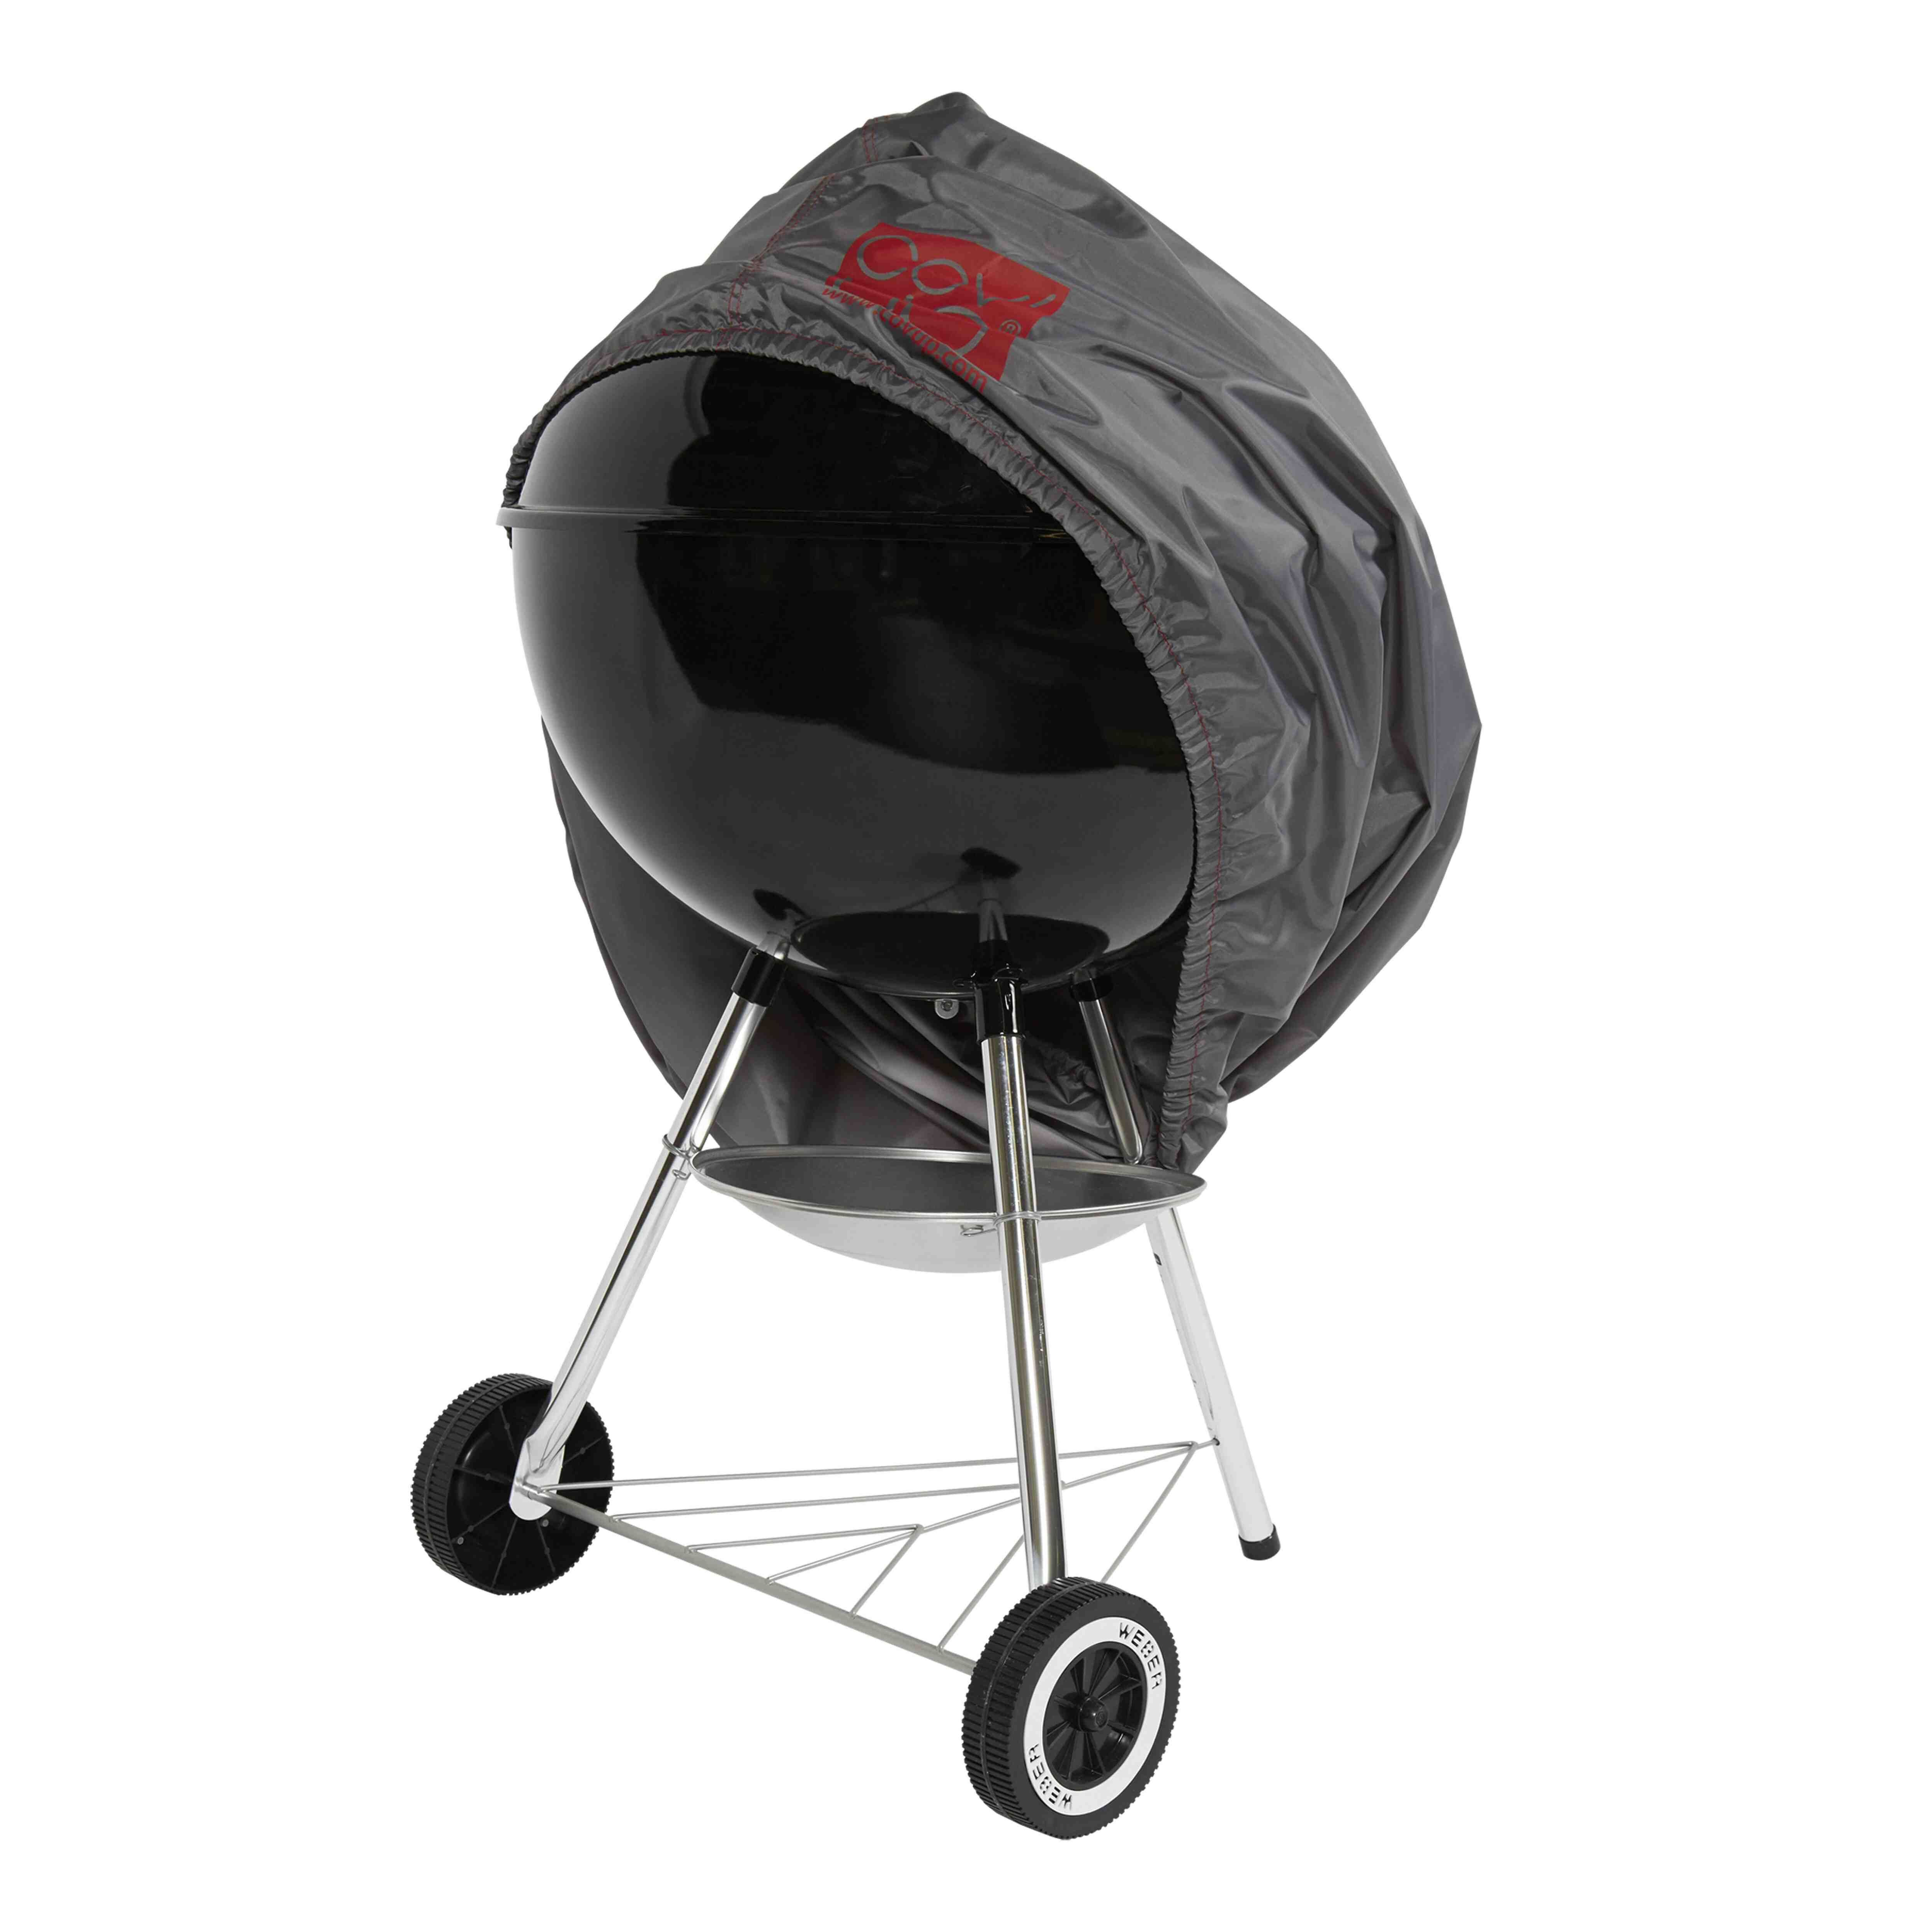 Housse de protection pour Barbecue rond, Diamètre 70 cm, , Cov'Up